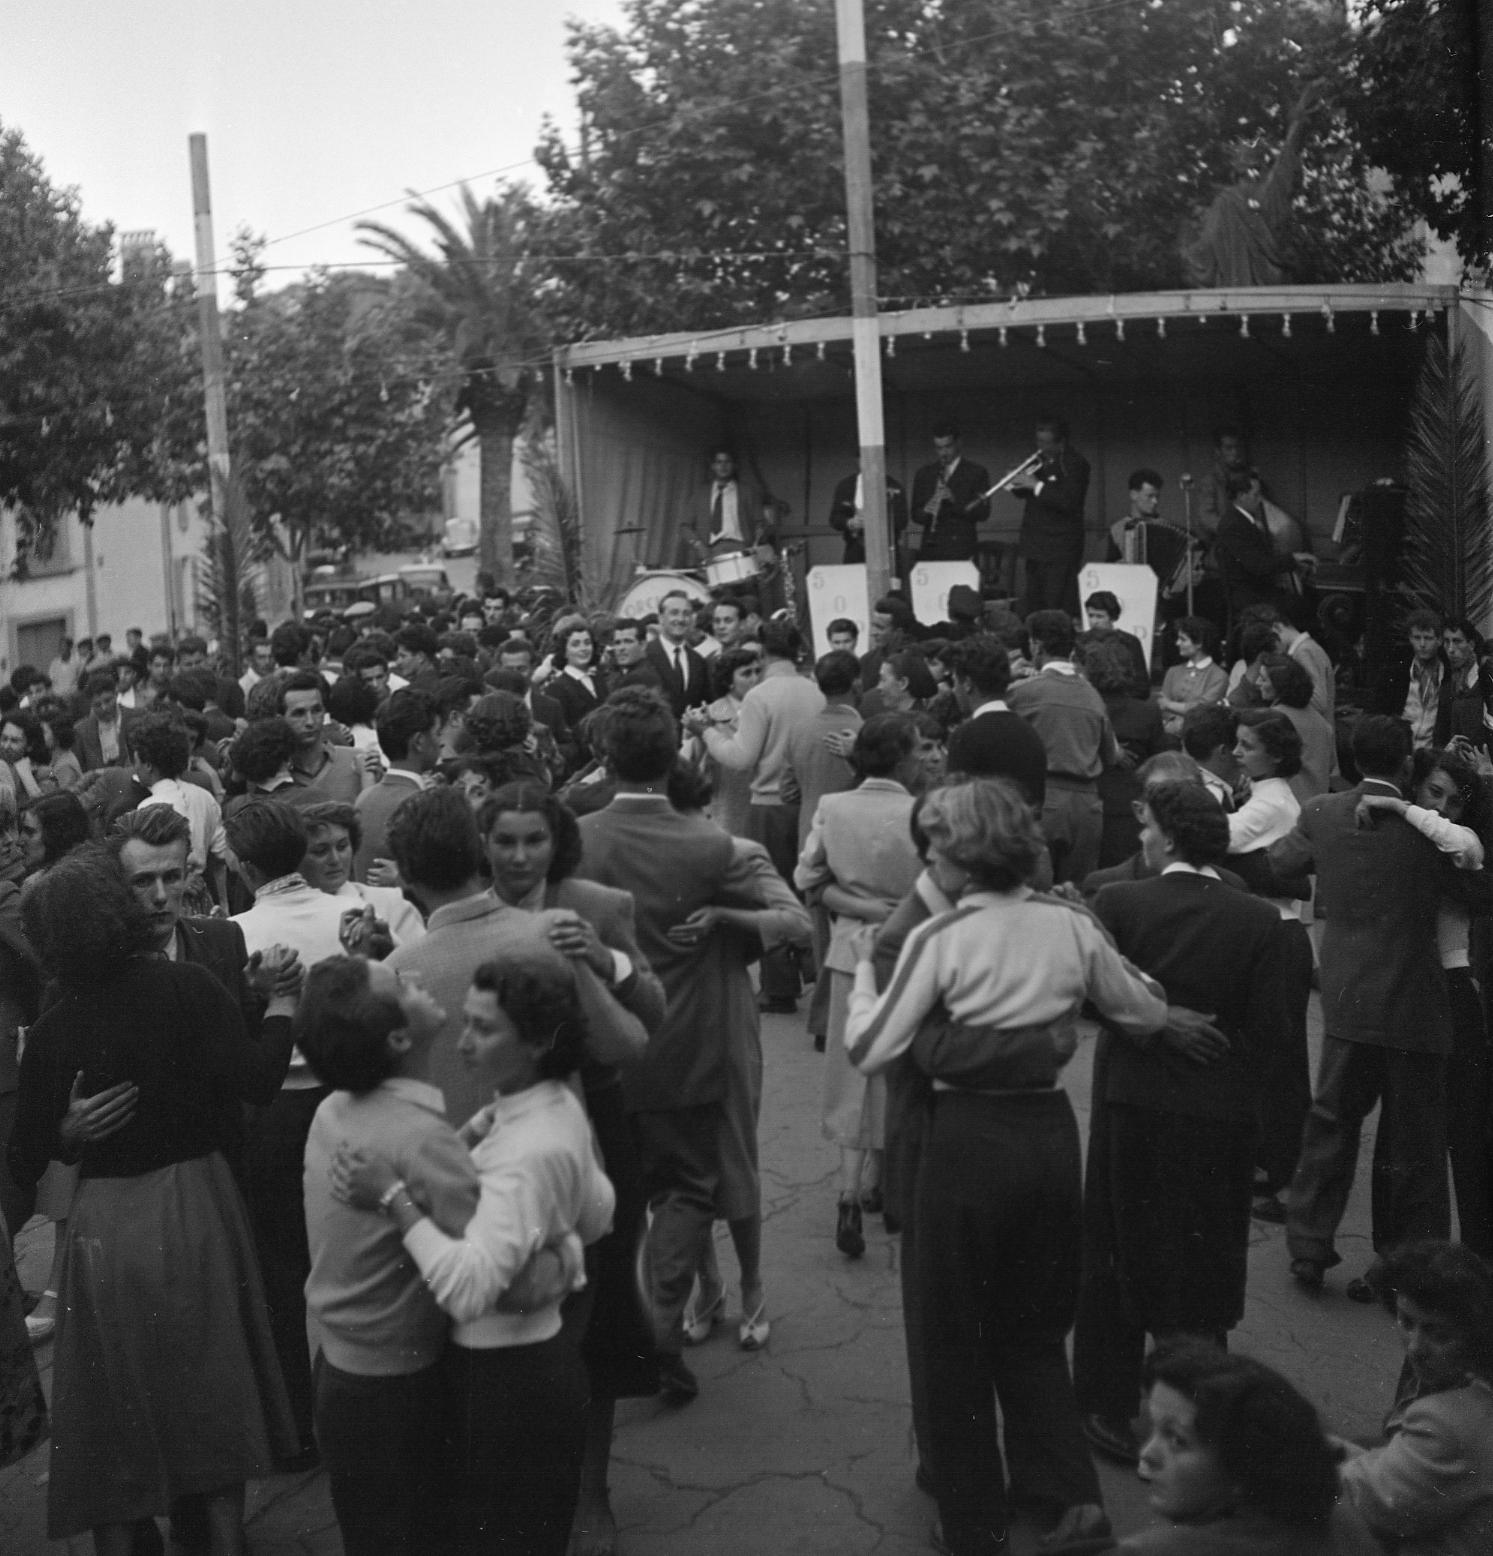 27 Fi 1824 Bal musette au quartier de Fontsainte. La jeunesse ciotadenne s'y presse. C'est un moment de fête …et de rencontre. 15/05/1953